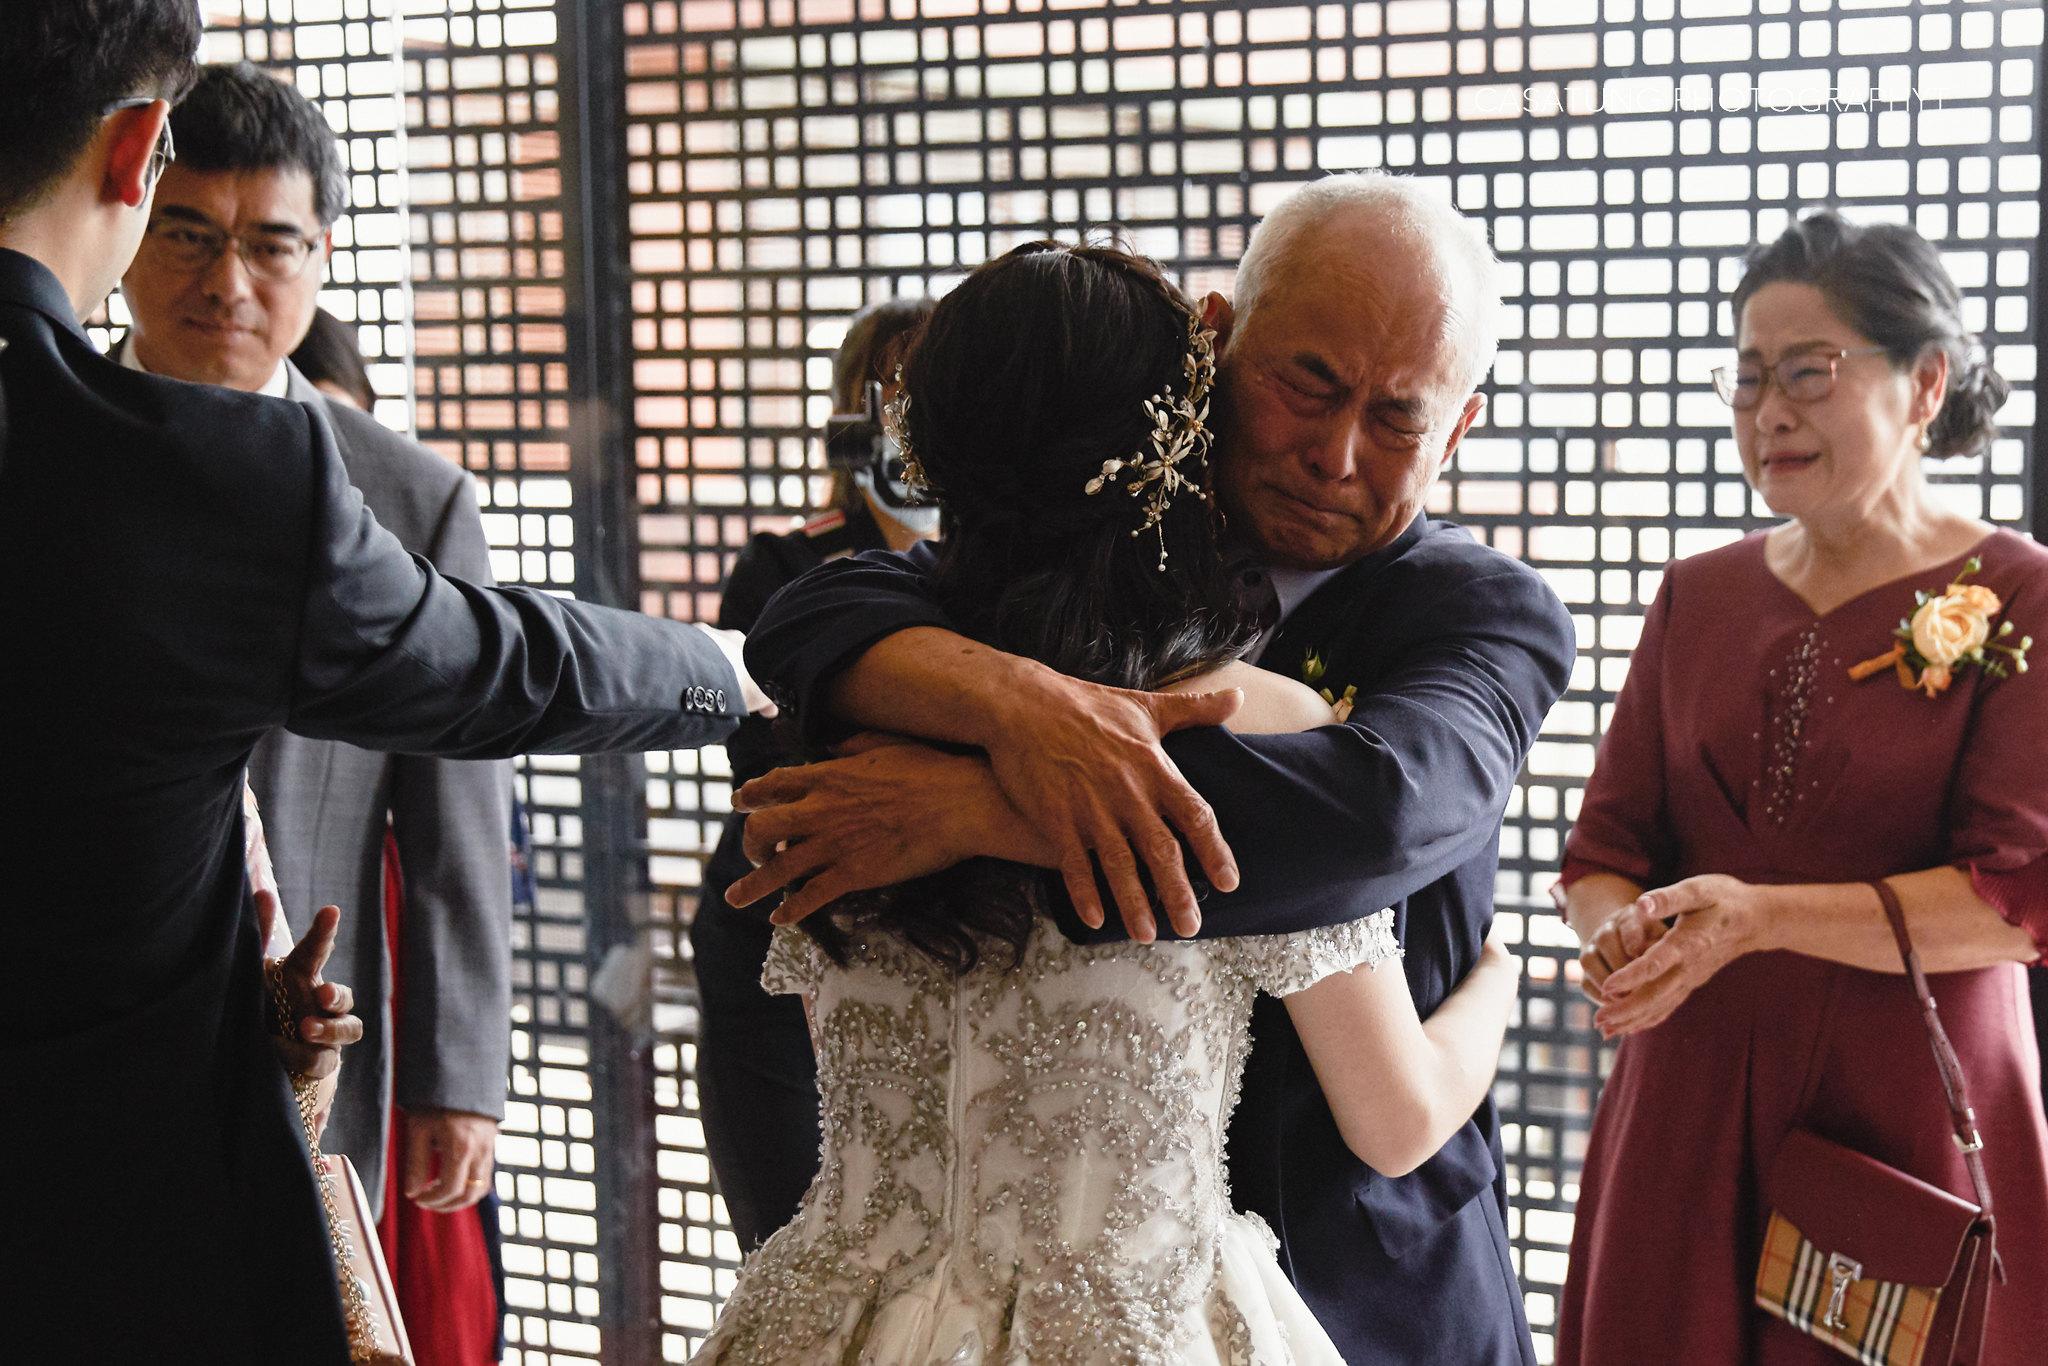 日月潭婚禮, 台中婚攝, 婚禮紀錄, 婚攝推薦, 涵碧樓婚禮, casa, casatung.台中婚攝casa-64